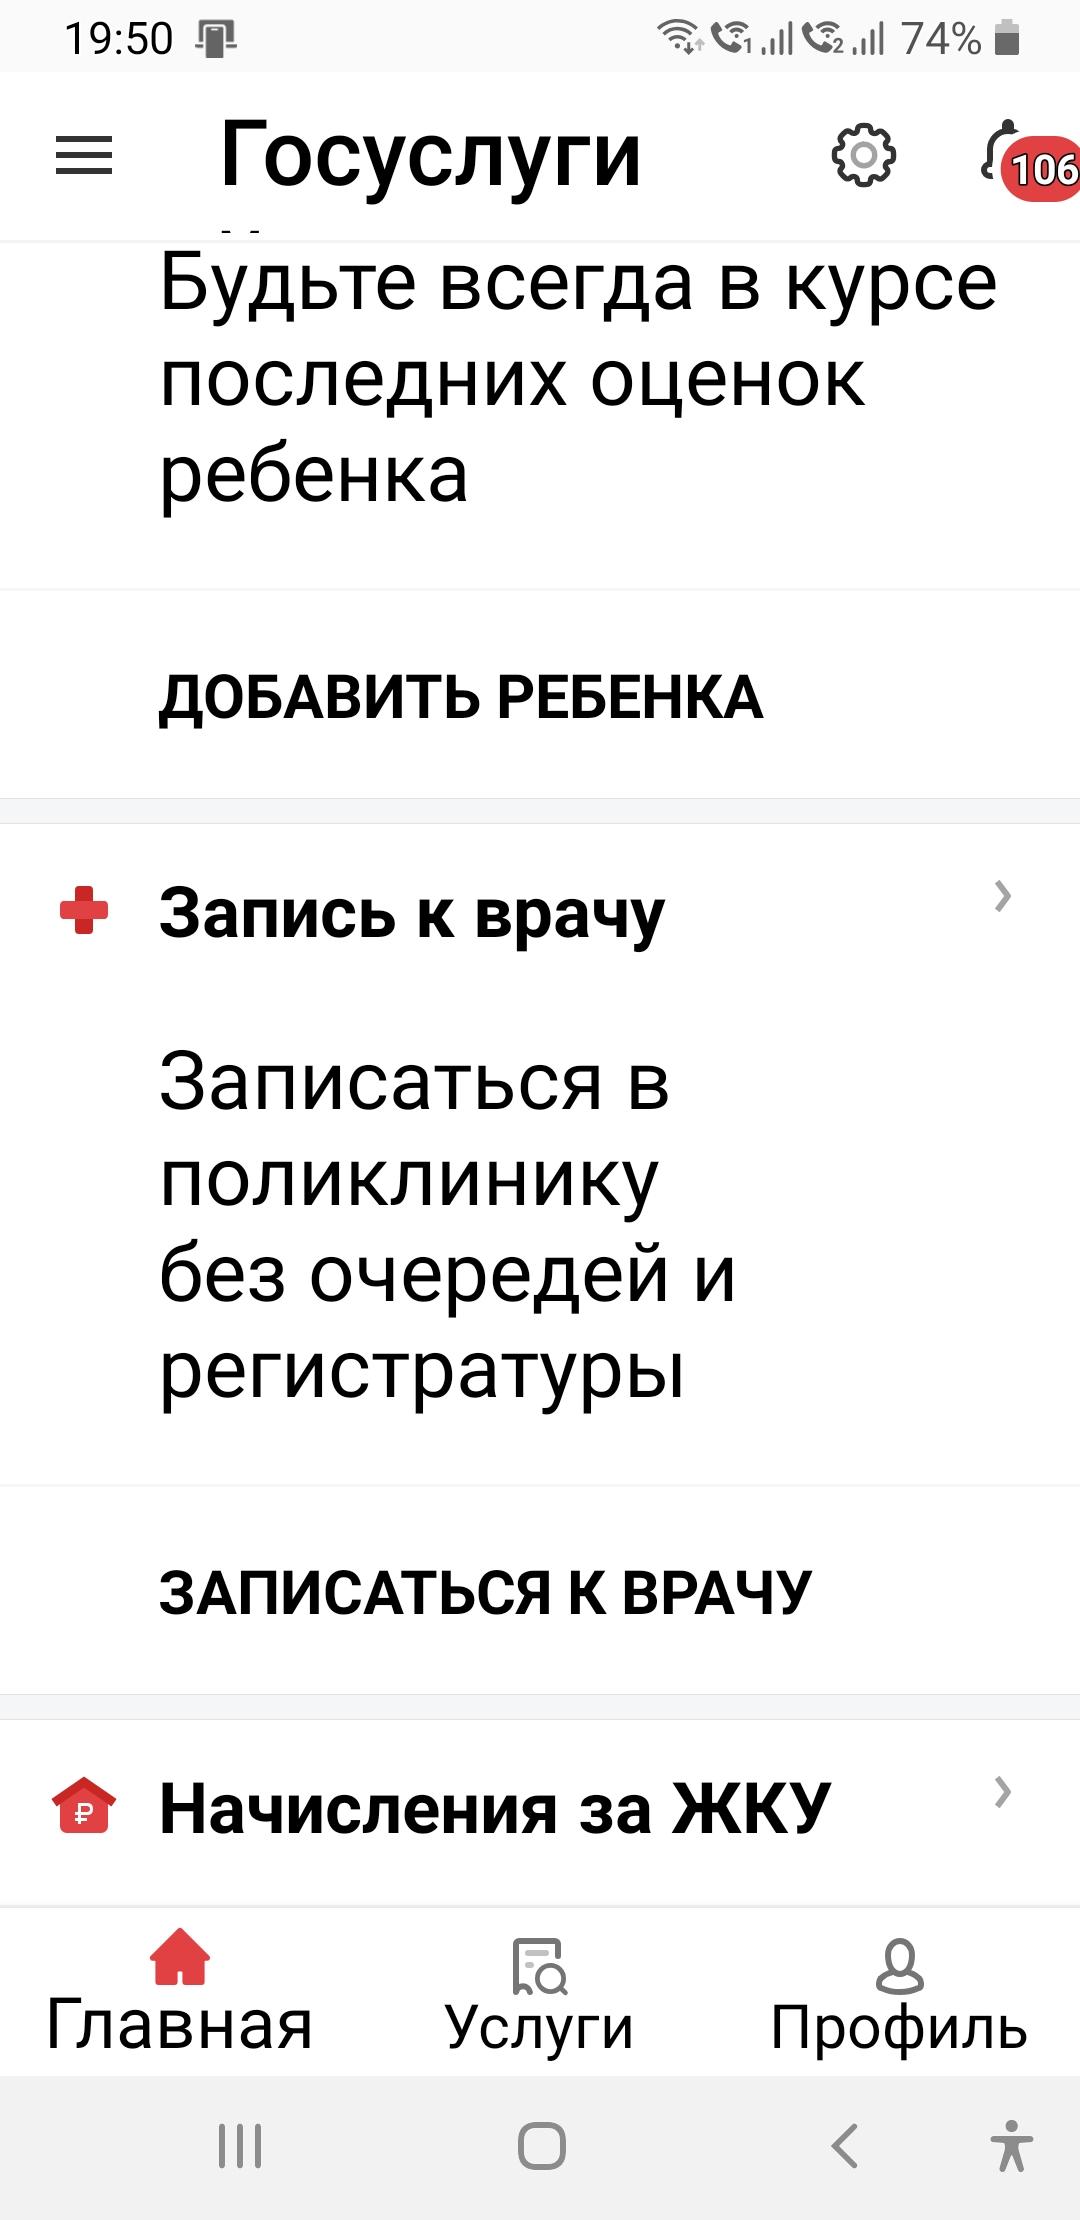 гос.мос_07_главная страница